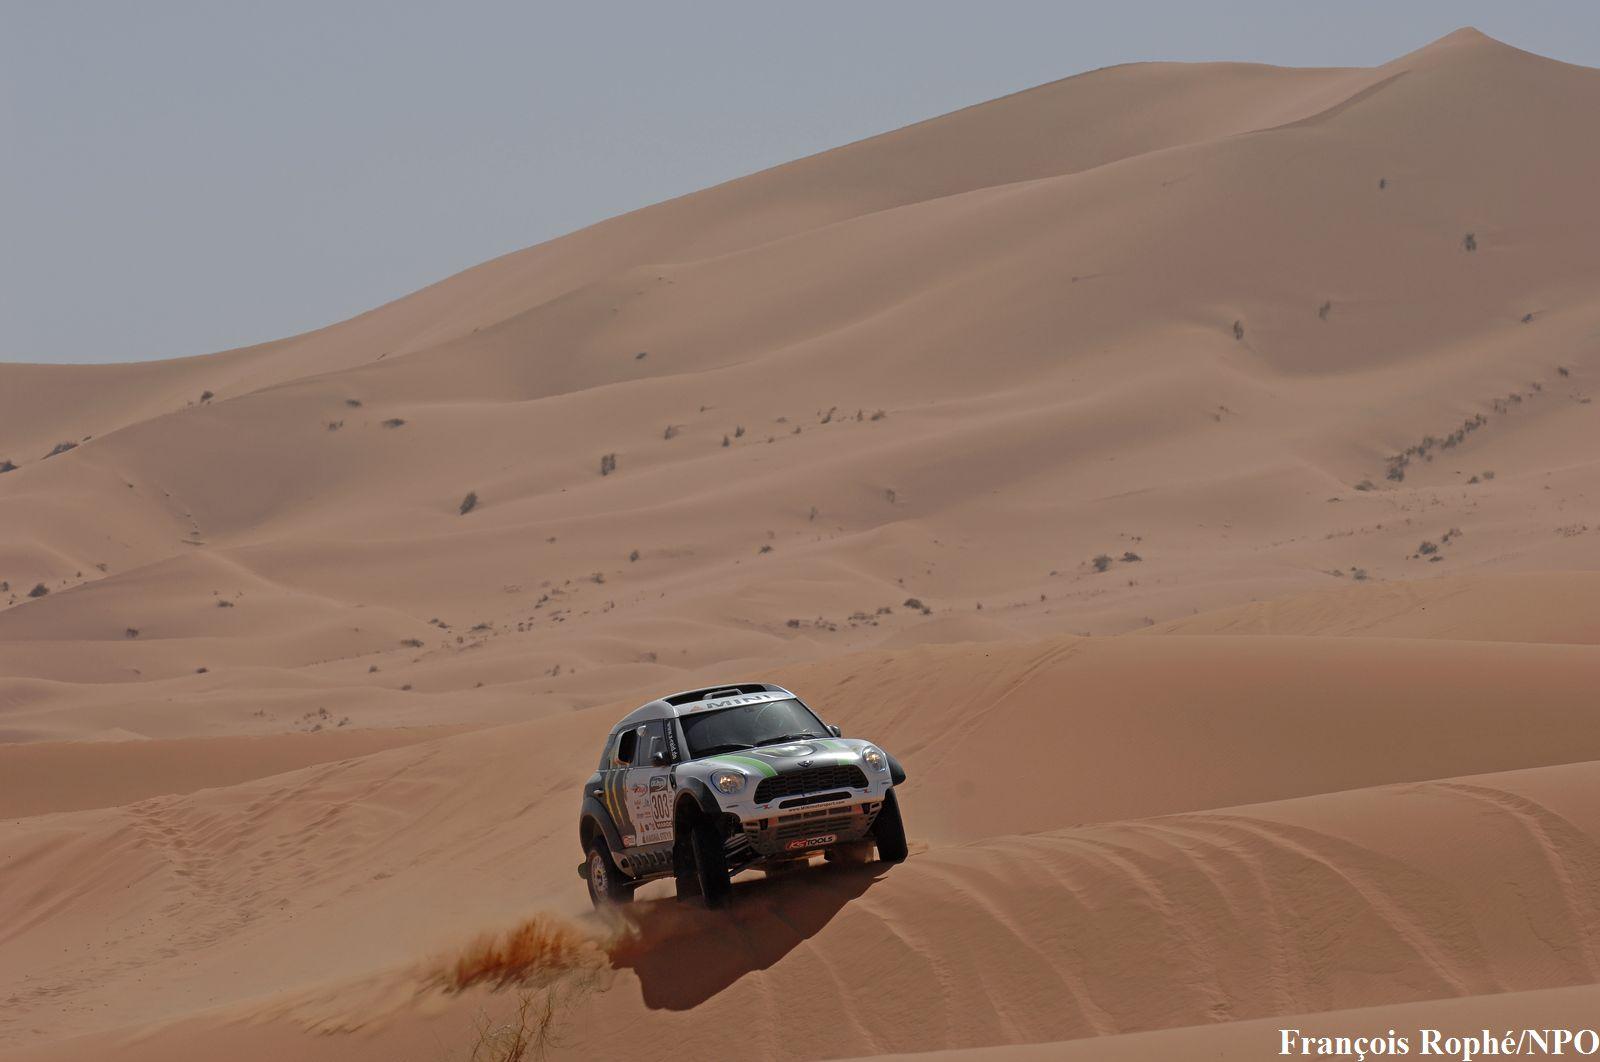 OILYBIA MAROC 2012 MINI HOLOWCZYC dans les dunes de MERZOUGA photo NPO pour autonewsinfo